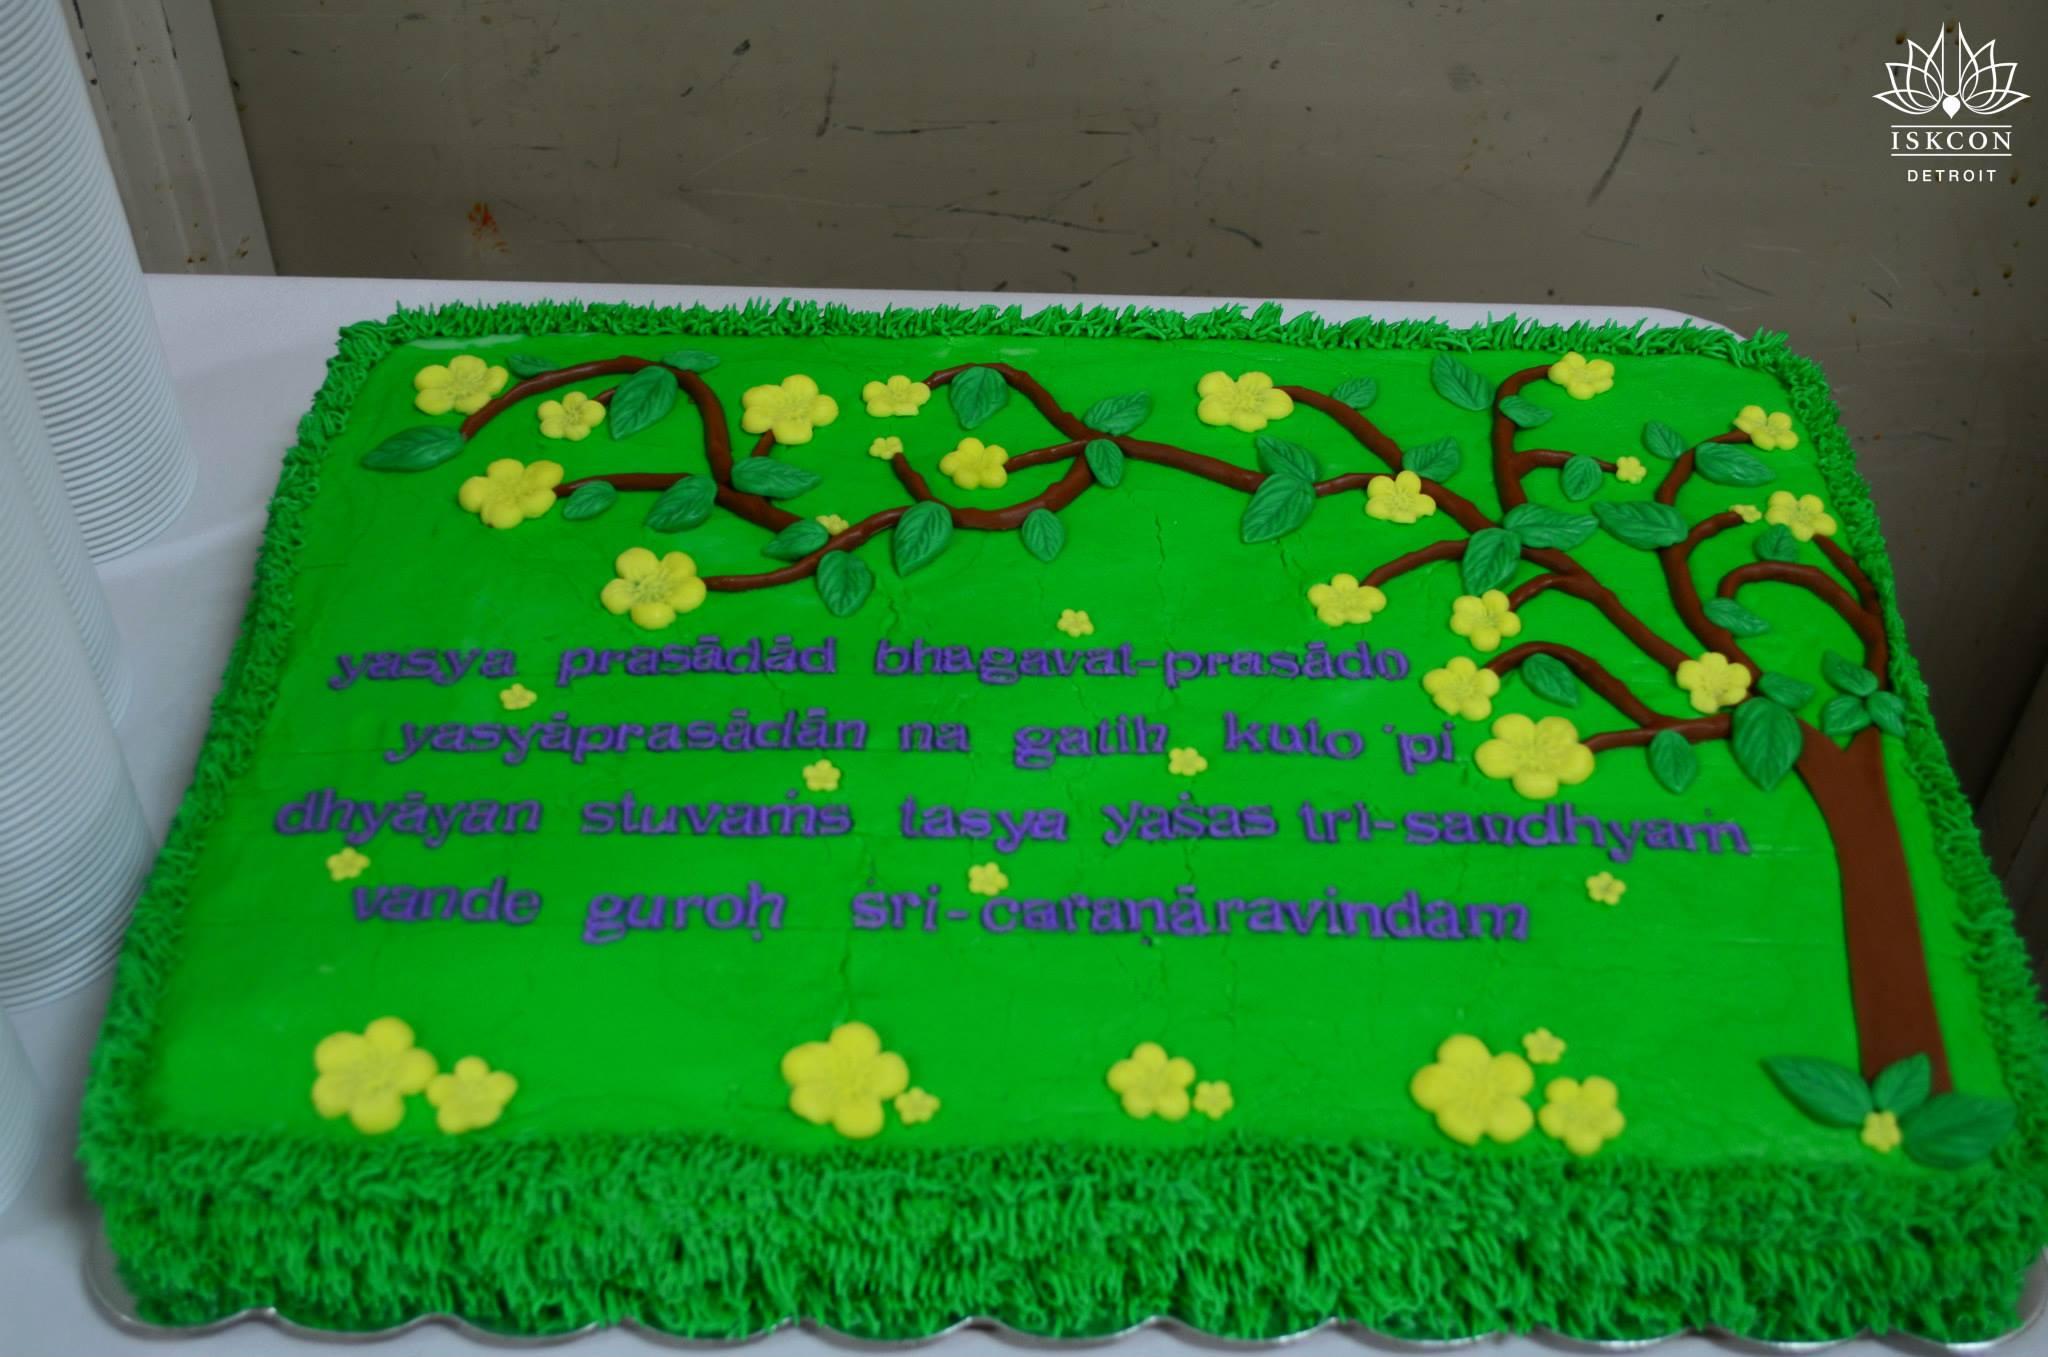 Radhanath Swami Cake